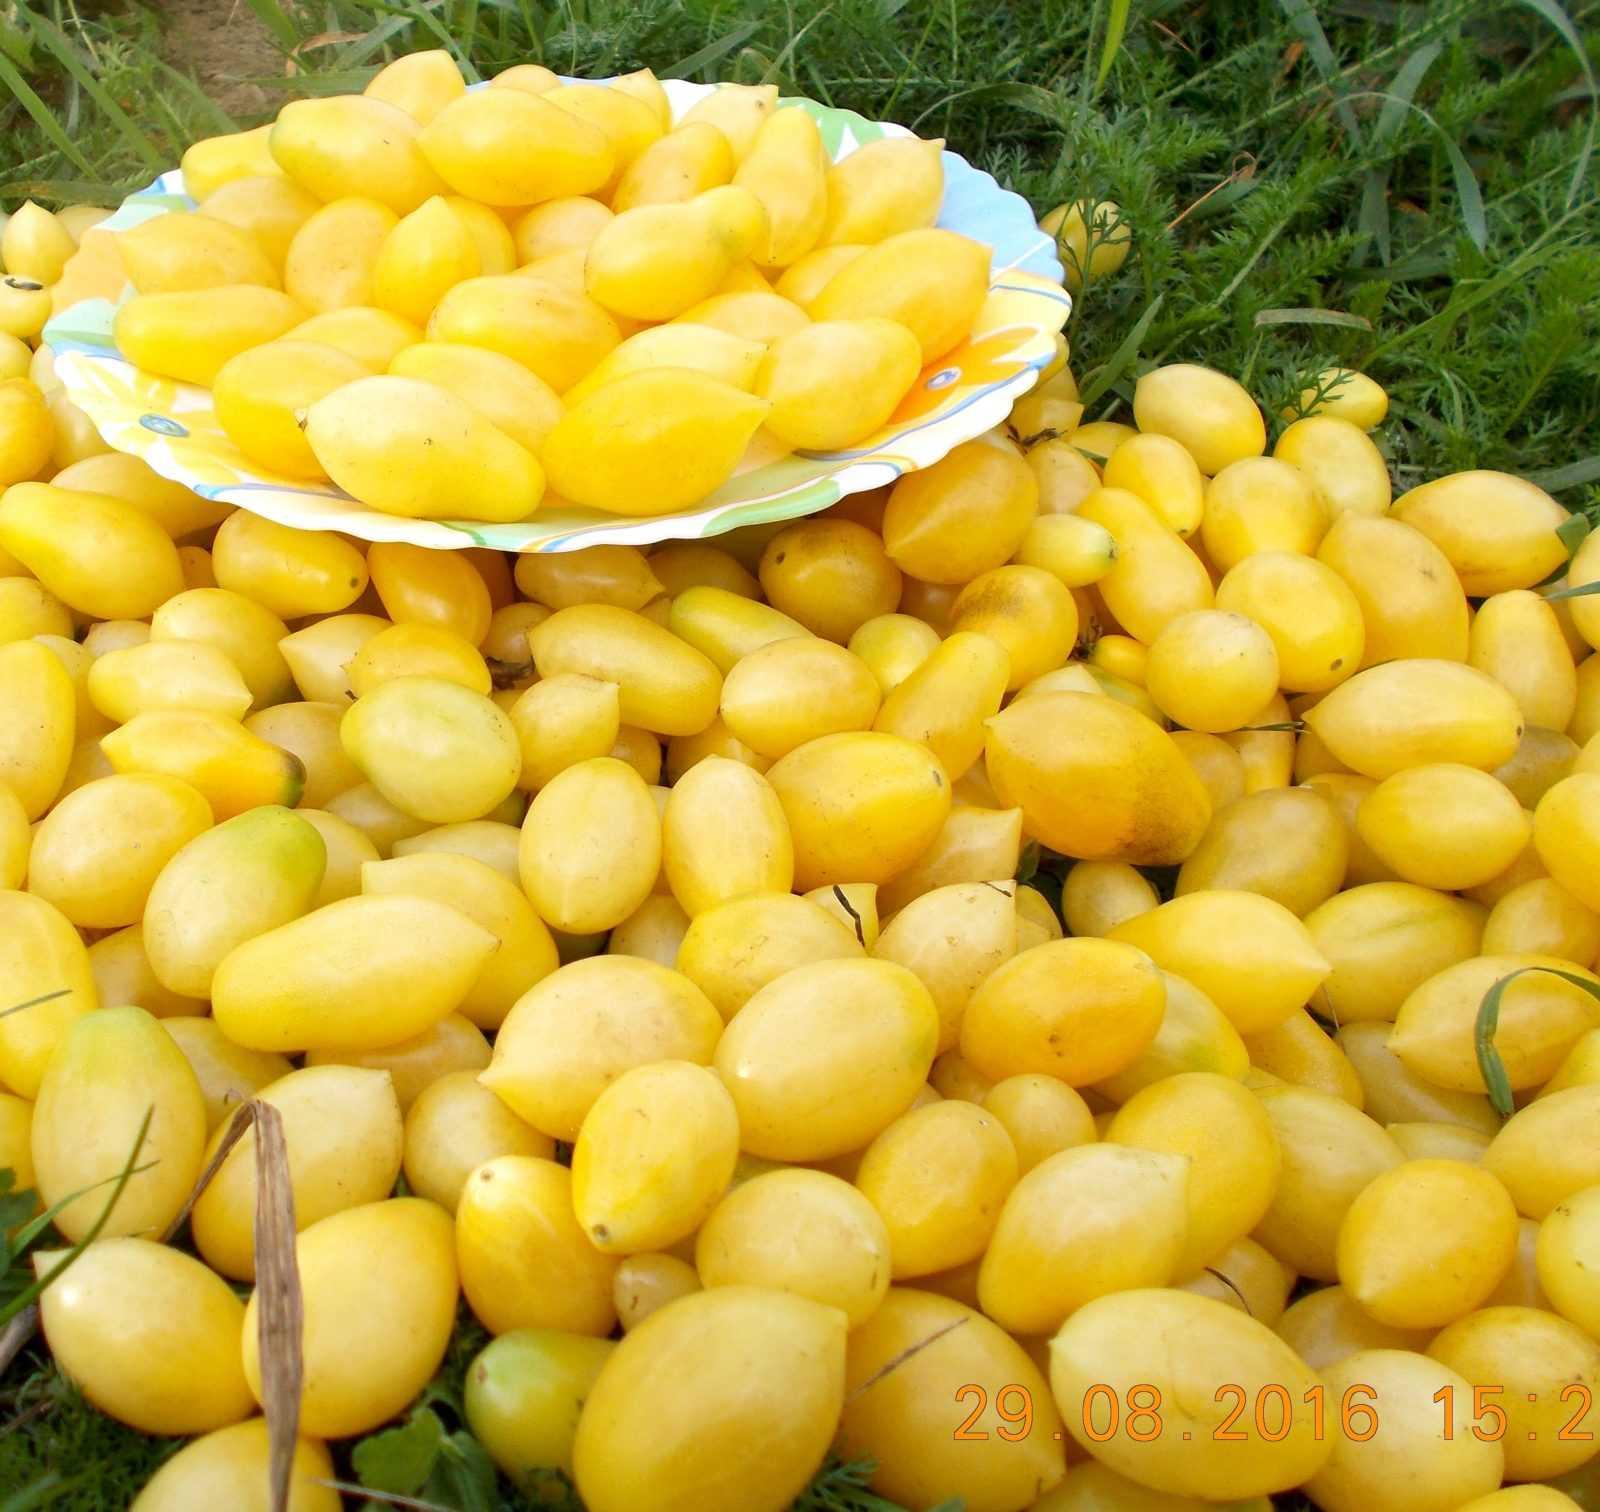 pomidory-cherri-foto-video-luchshie-sorta-opisanie-lichnyj-opyt-vyrashhivaniya-22